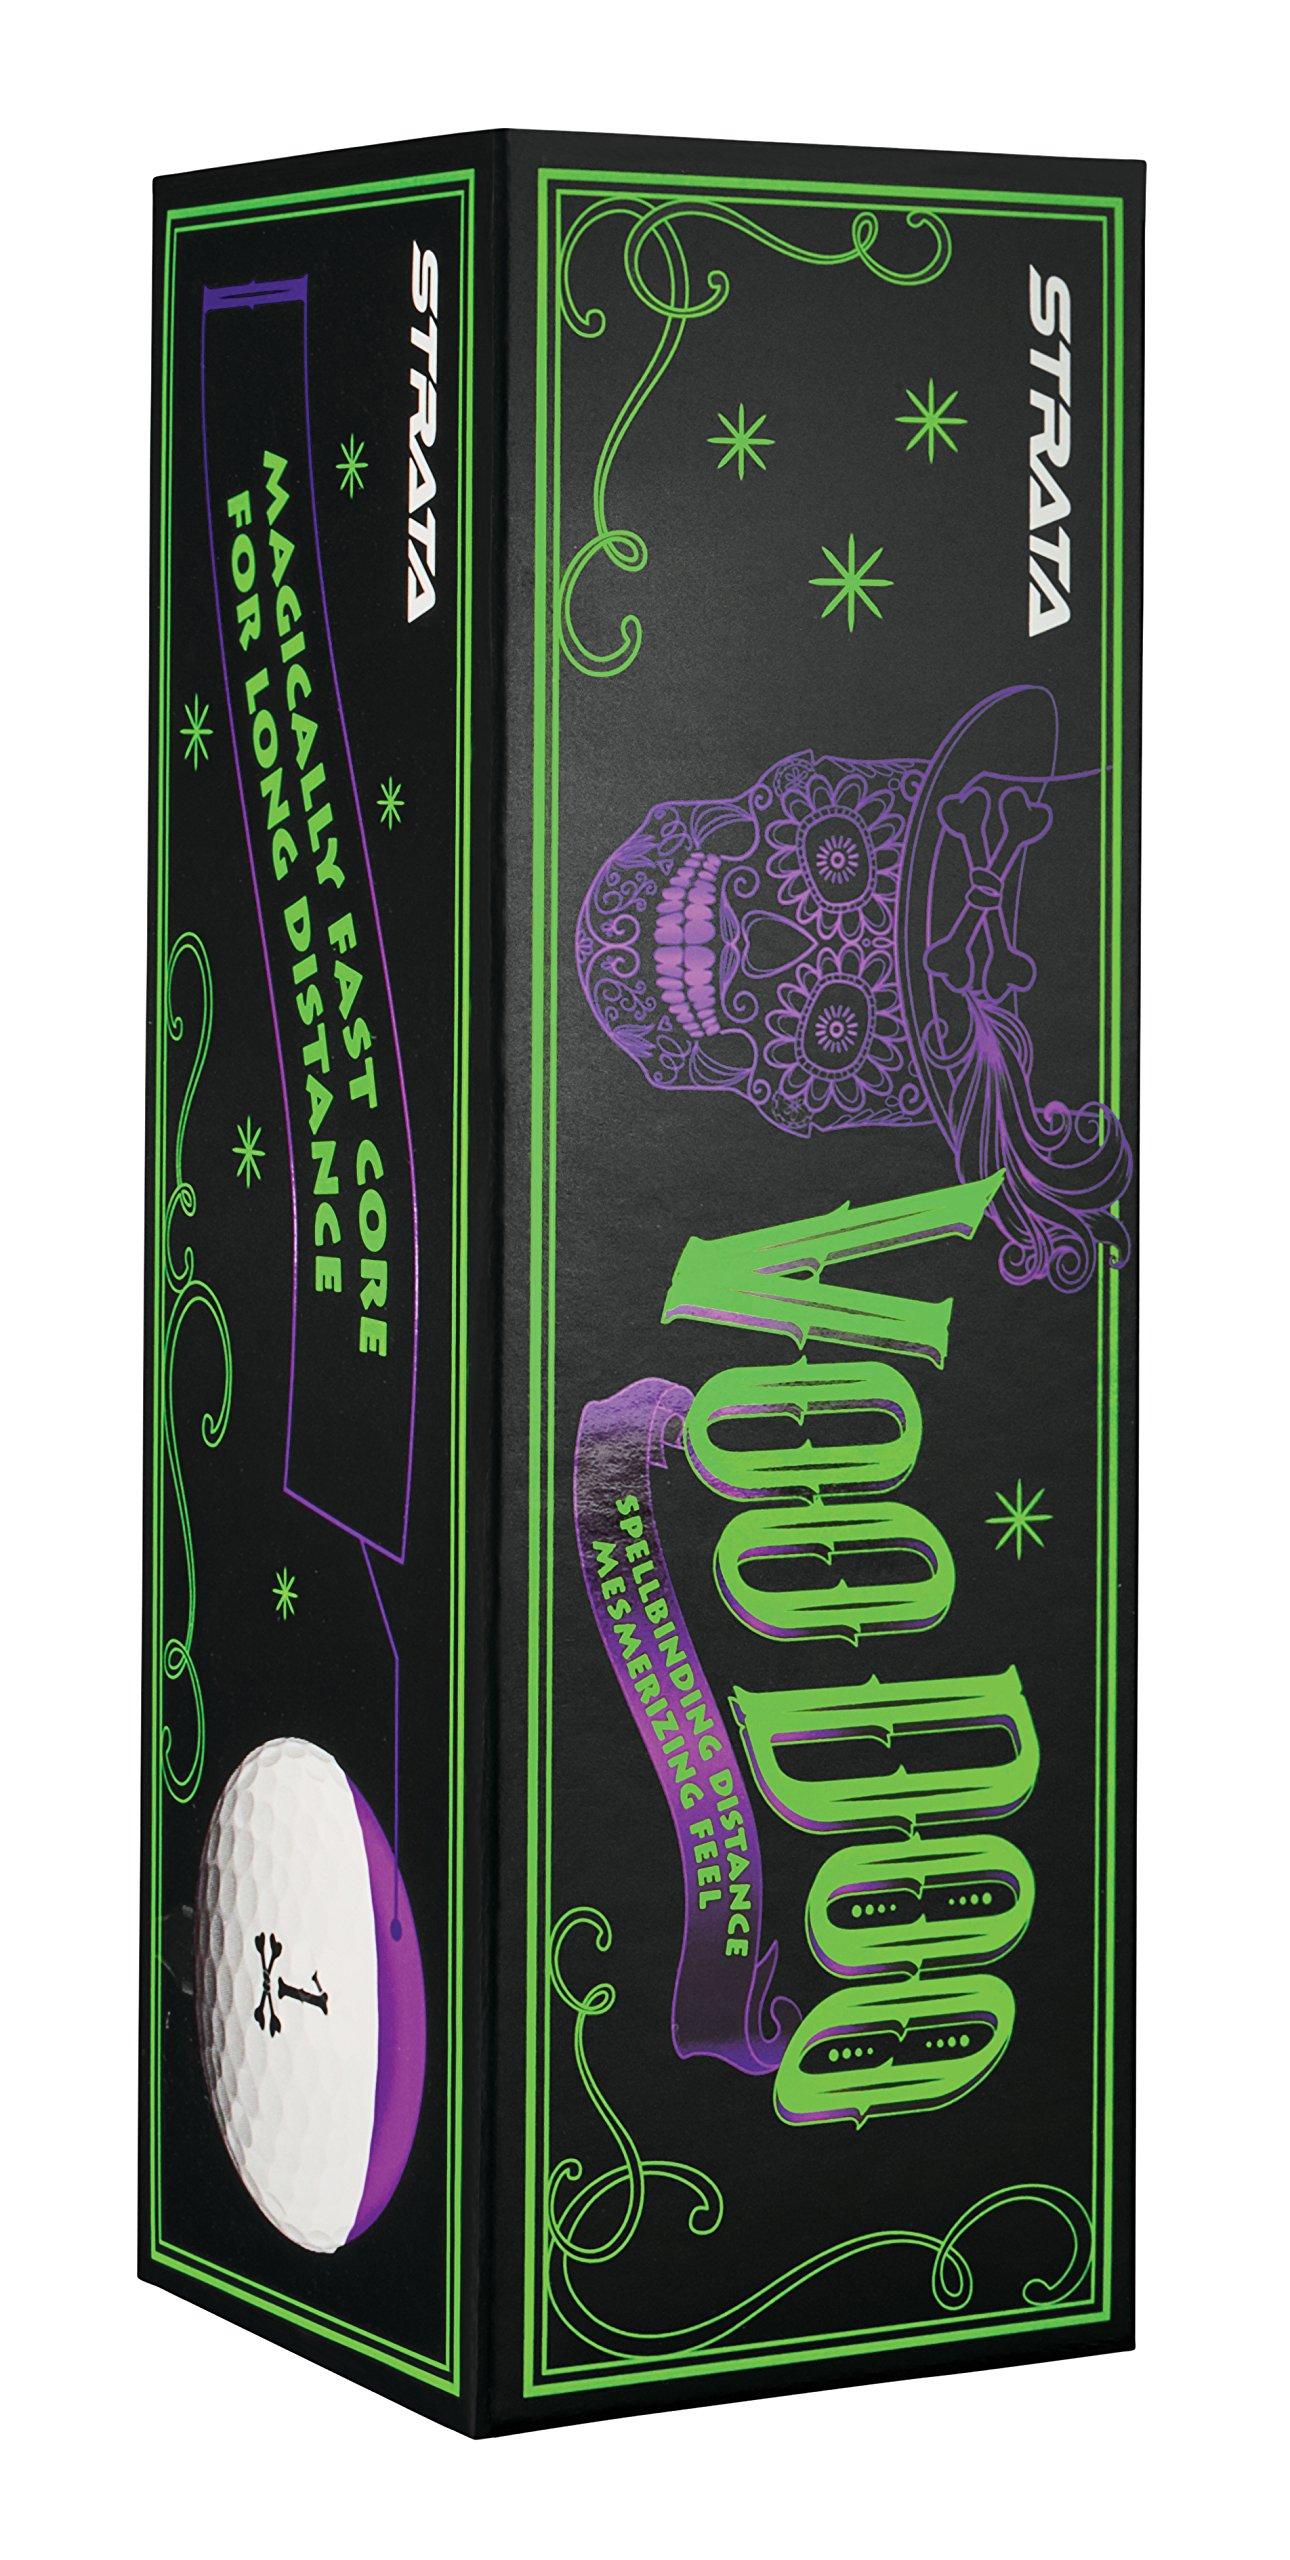 Strata 2018 Voodoo Golf Balls (One Dozen) by Callaway (Image #3)